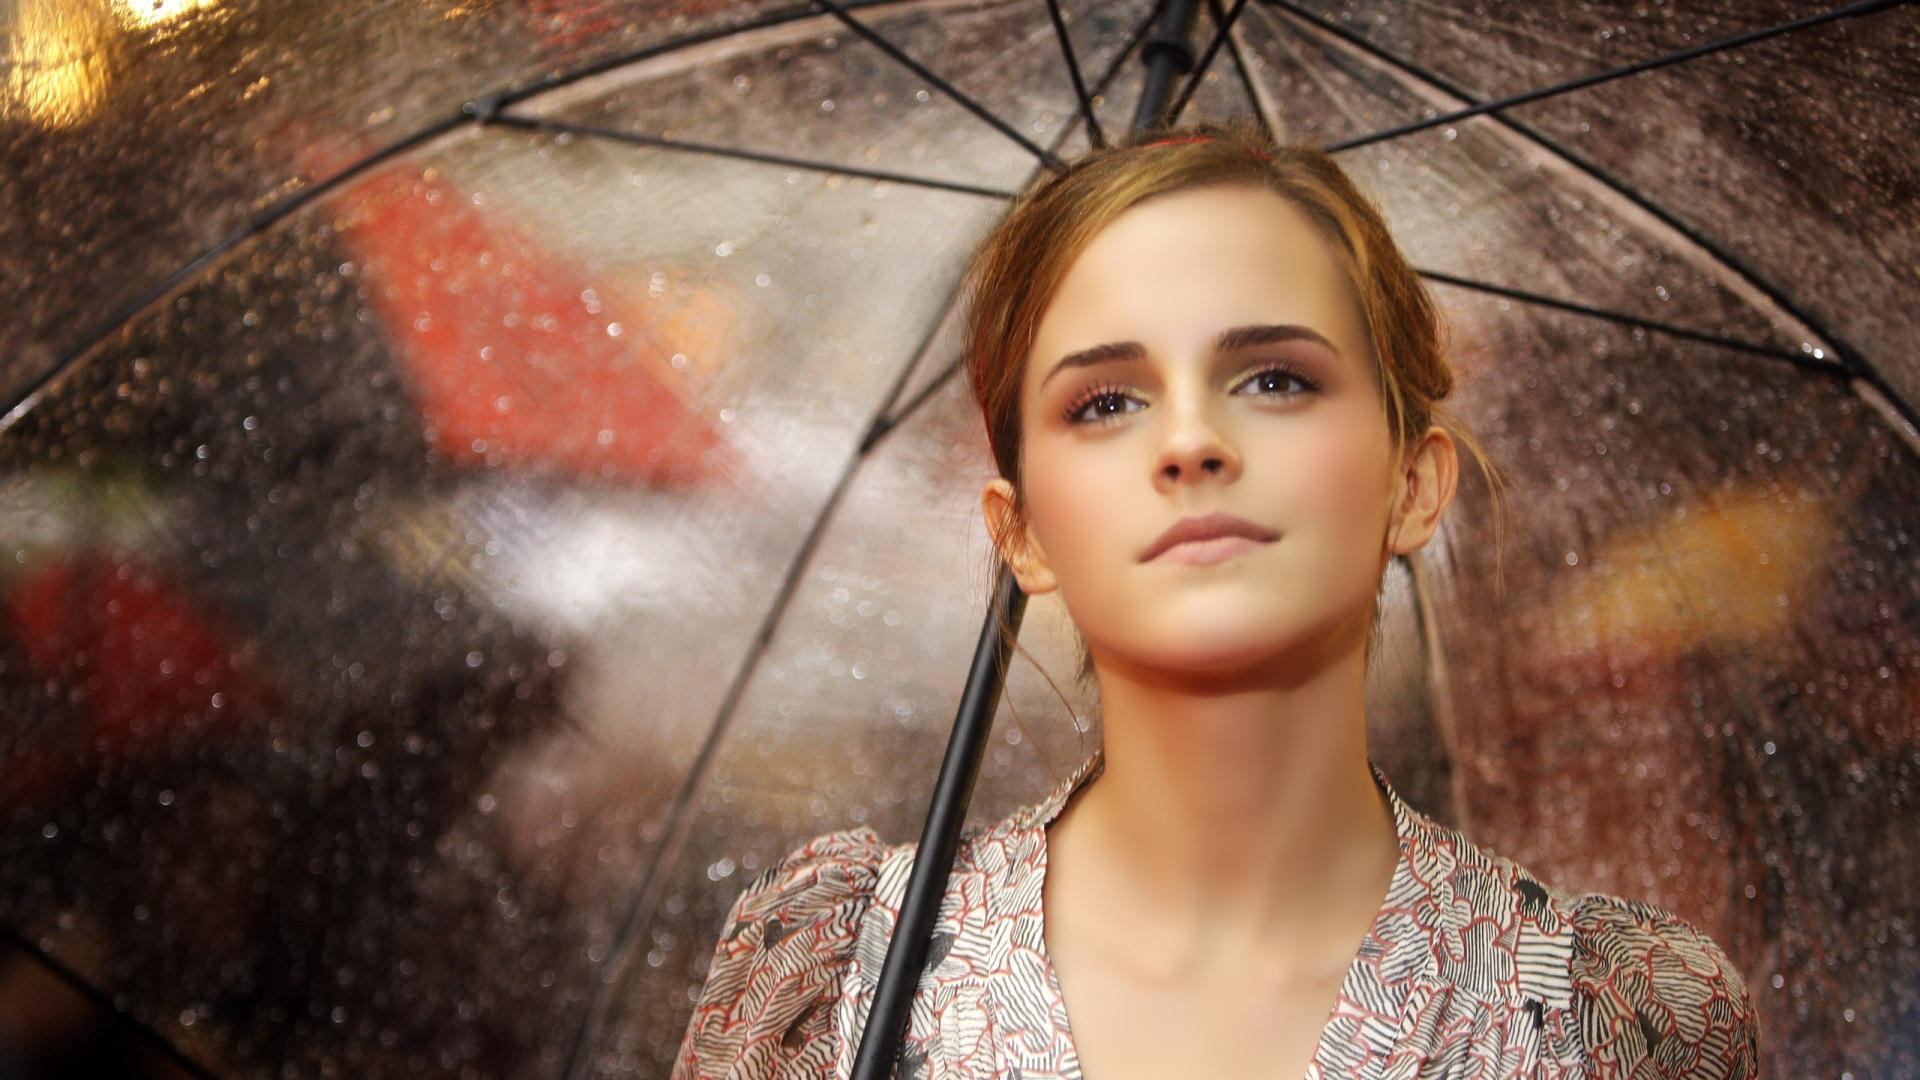 Emma Watson HD Wallpapers 1920x1080